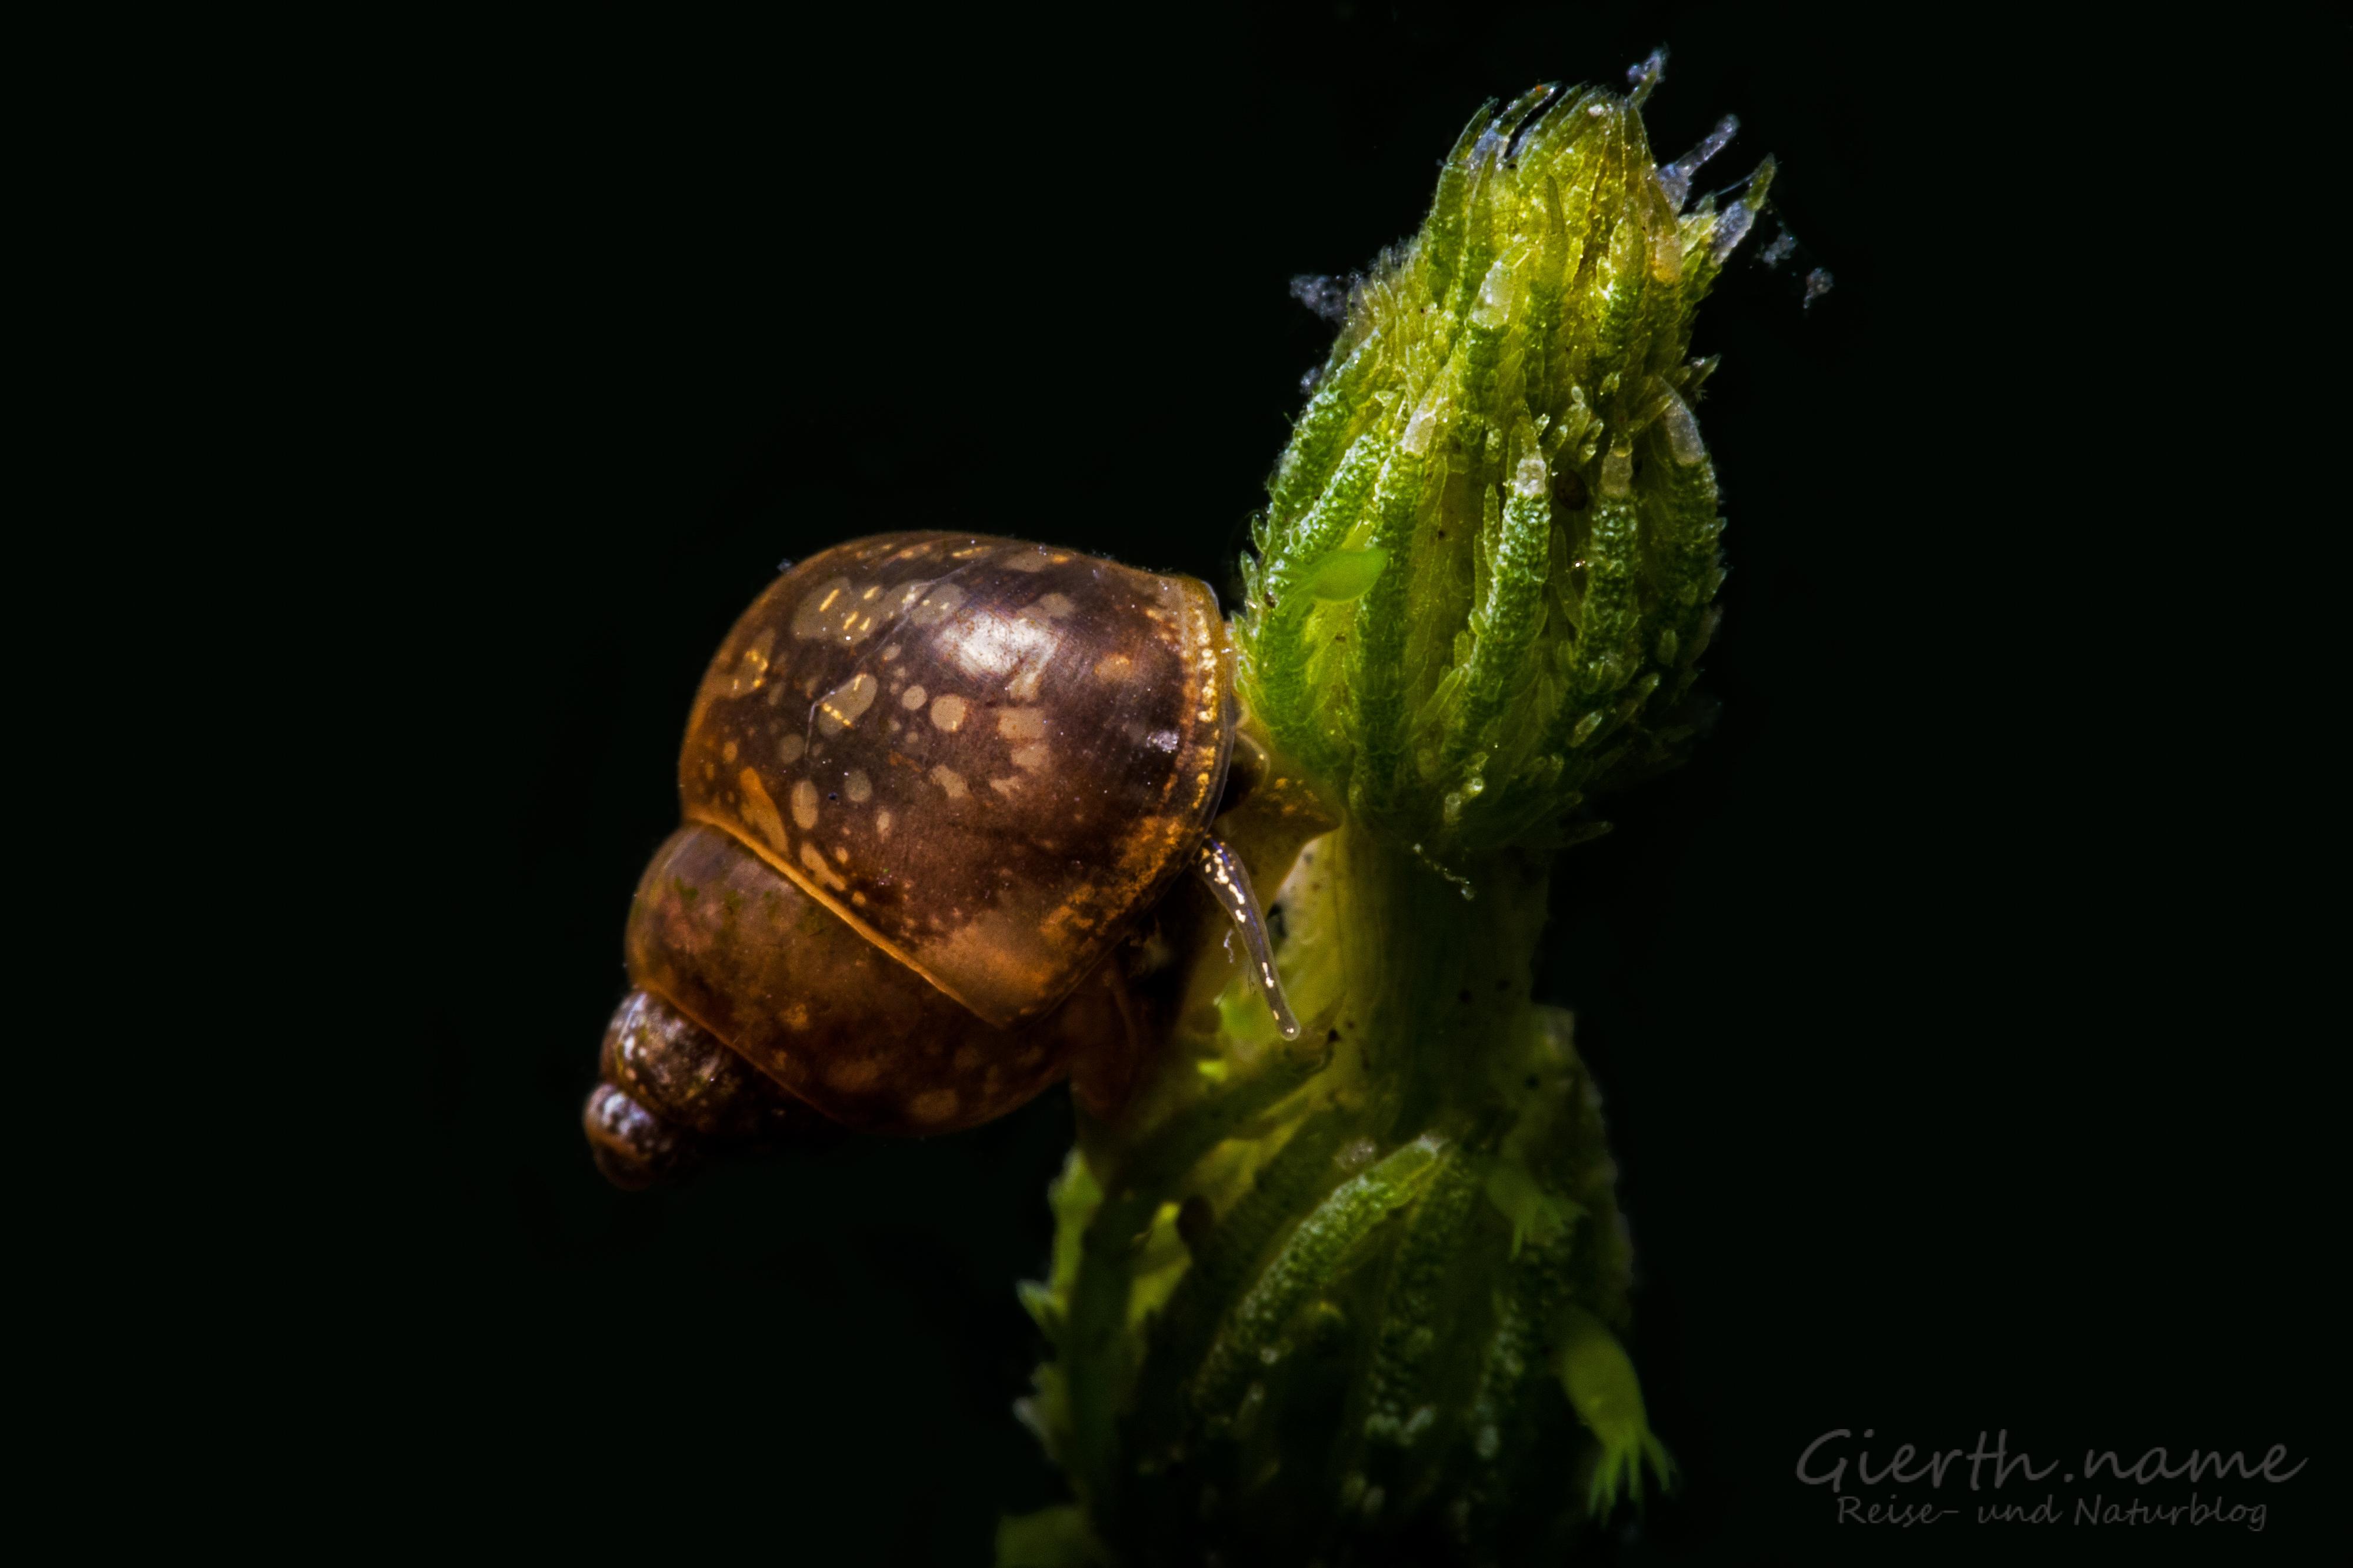 Vermutlich Gemeine Schnauzenschnecke - Bithynia tentaculata